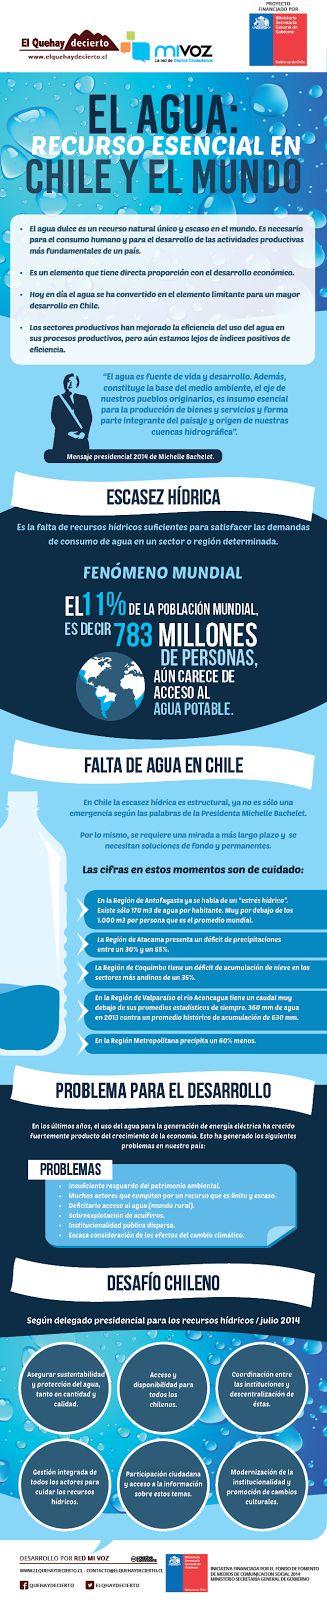 [Infografía] El agua, recurso esencial para Chile y el mundo | El QueHayDecierto.cl , Noticias de Copiapó y Atacama